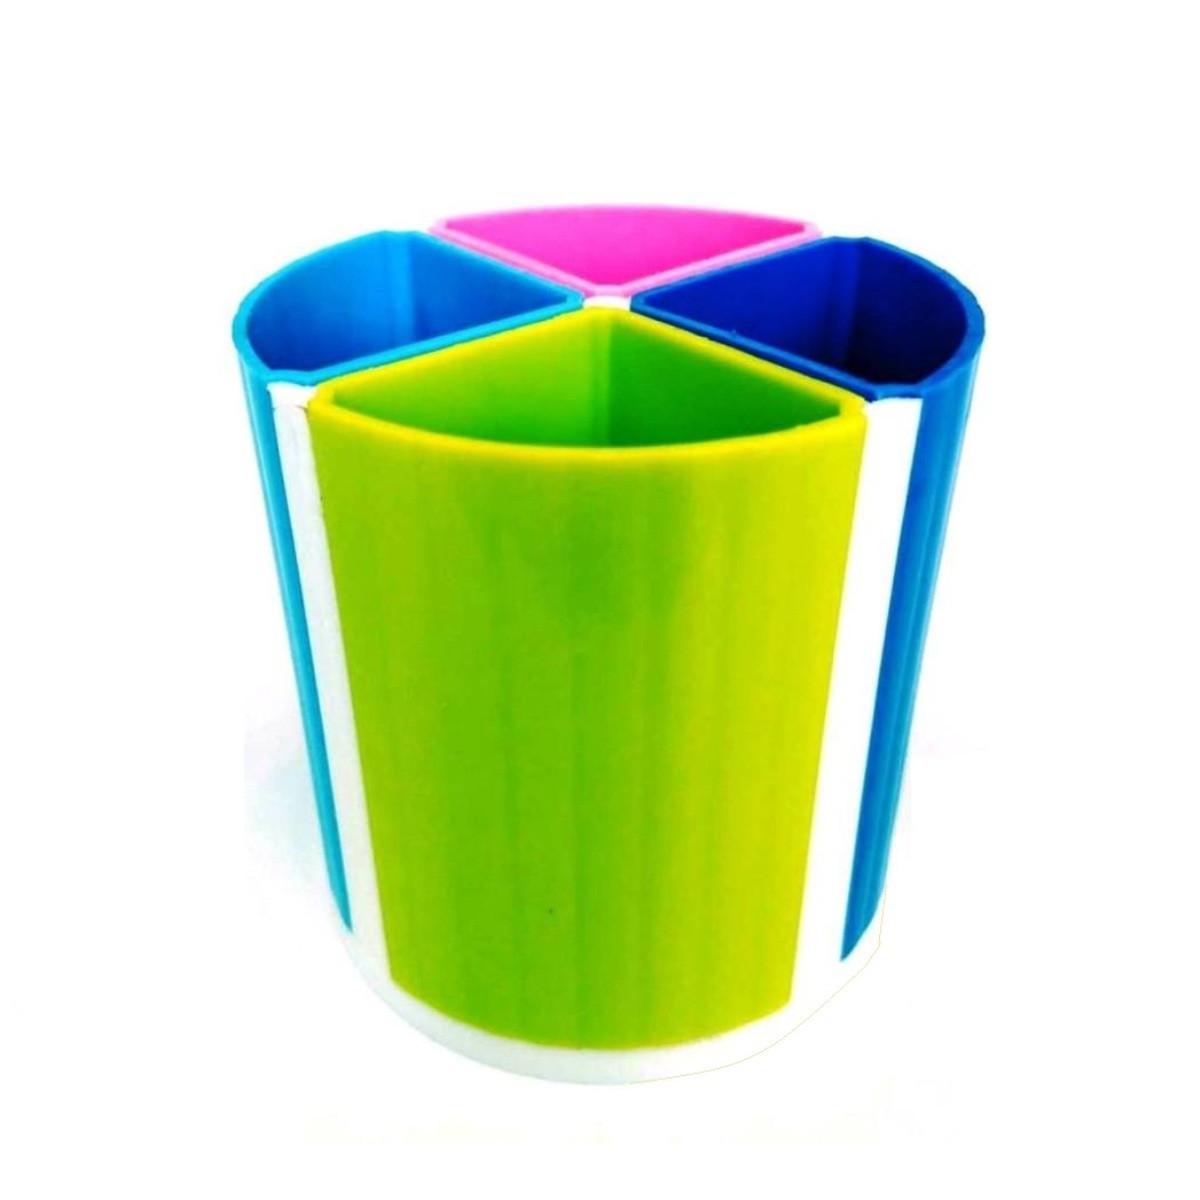 Стакан пластиковый для канцелярских принадлежностей №8040